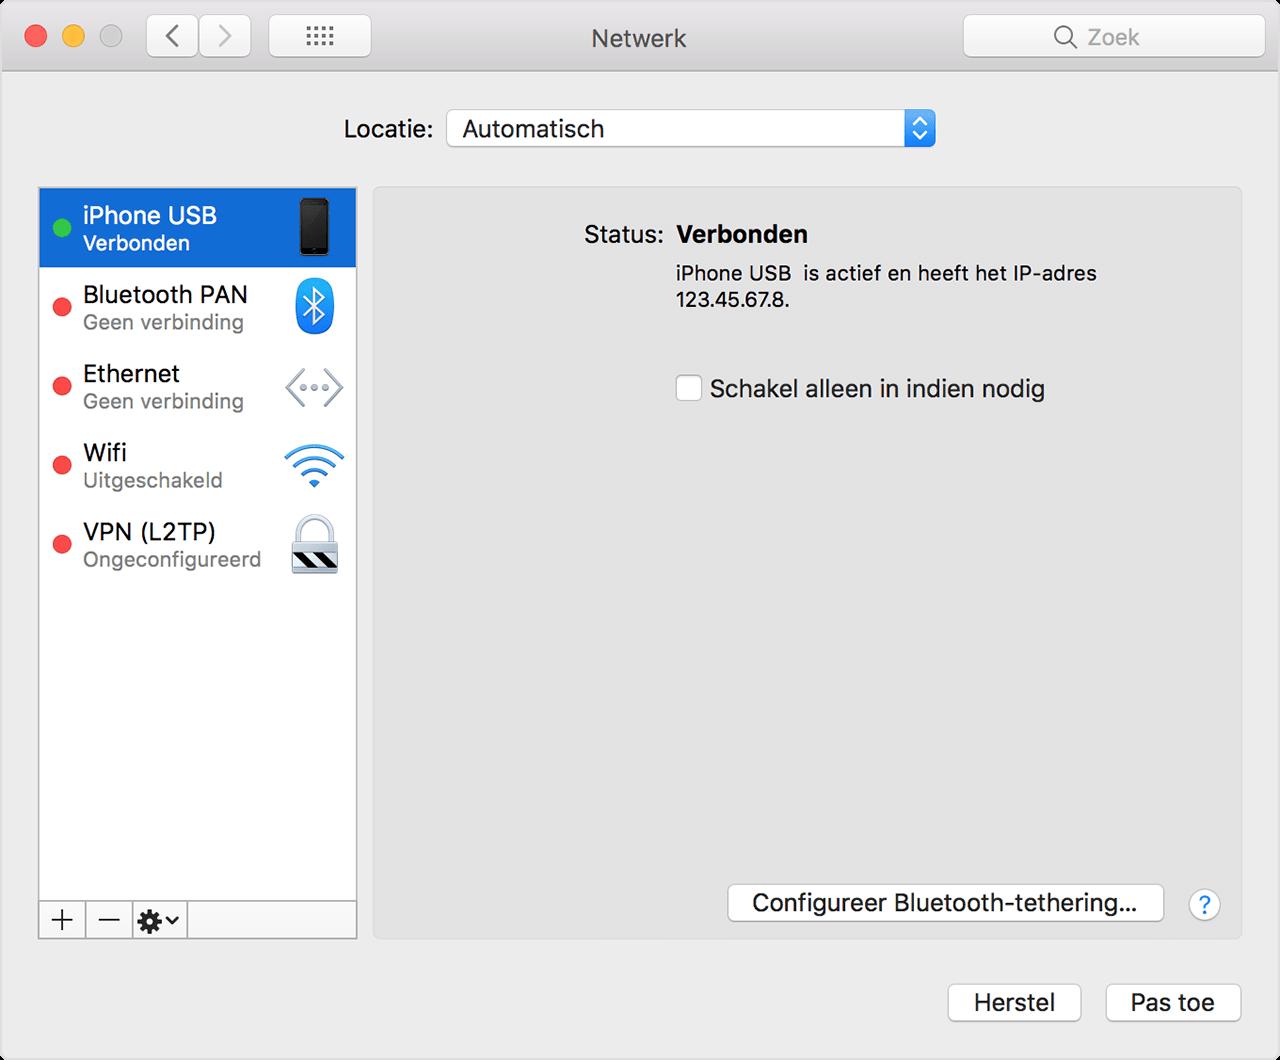 Personal Hotspot via USB